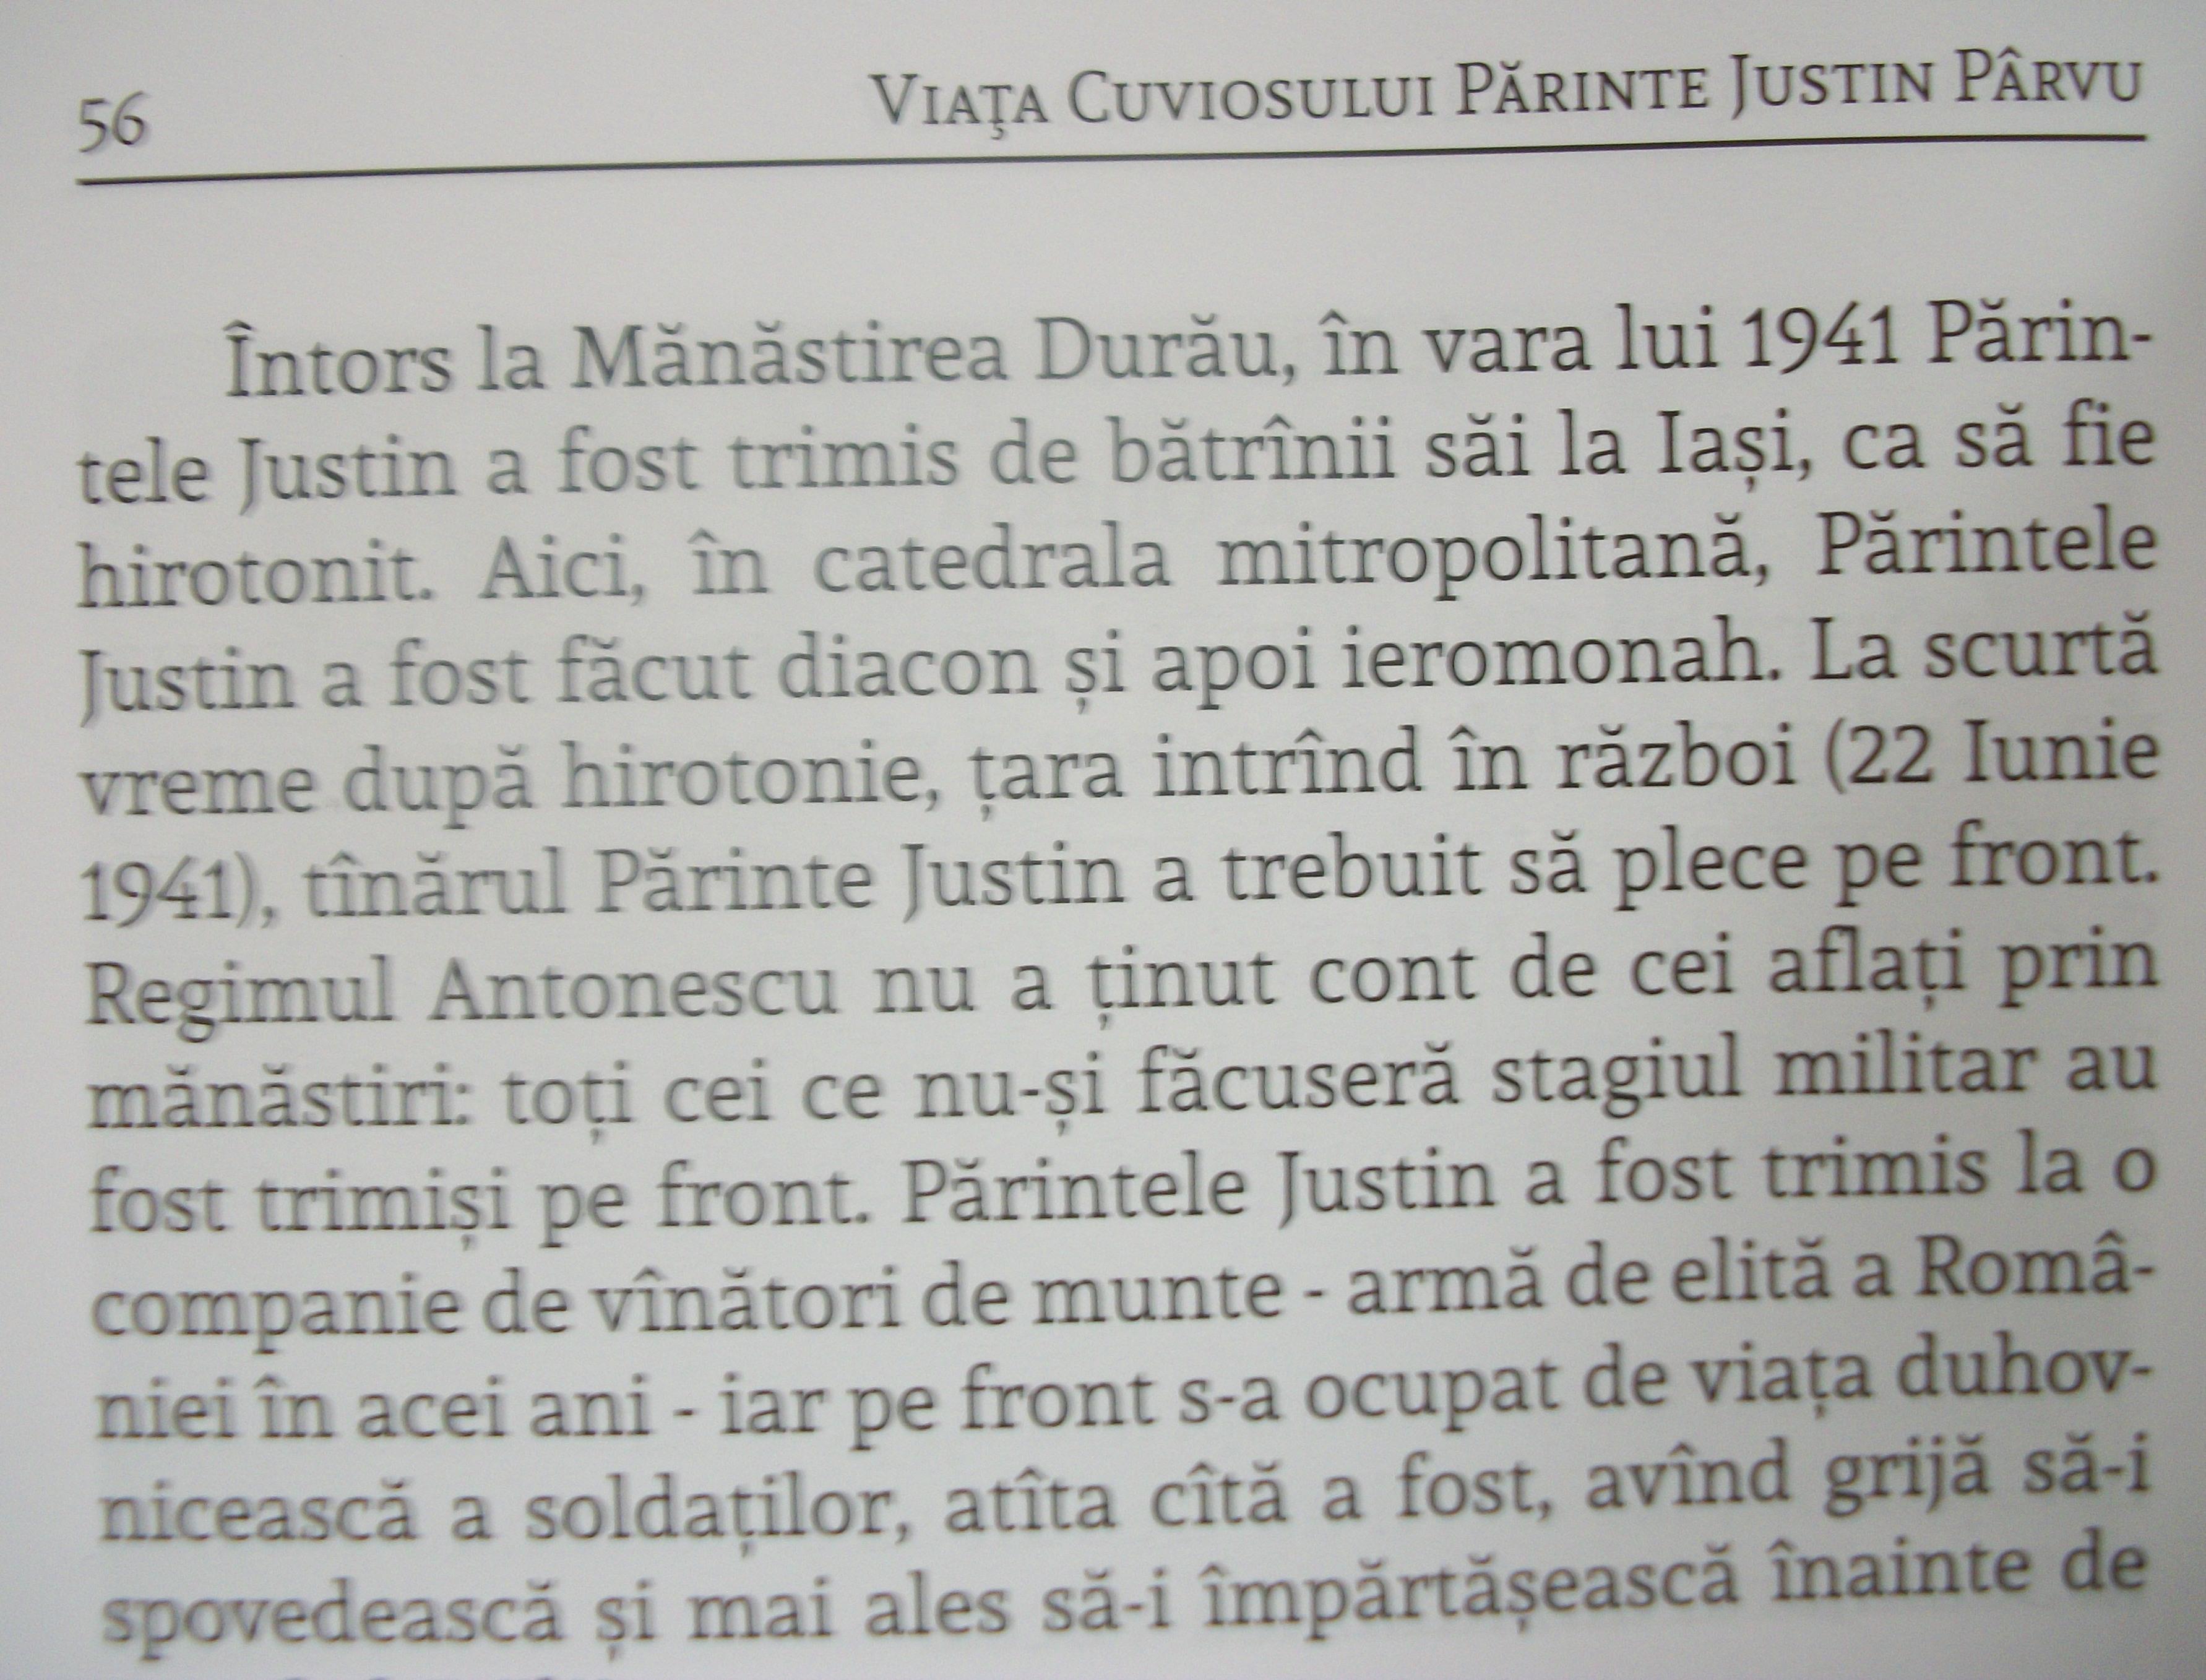 Alte minciuni din biografia Părintelui Justin Pârvu.